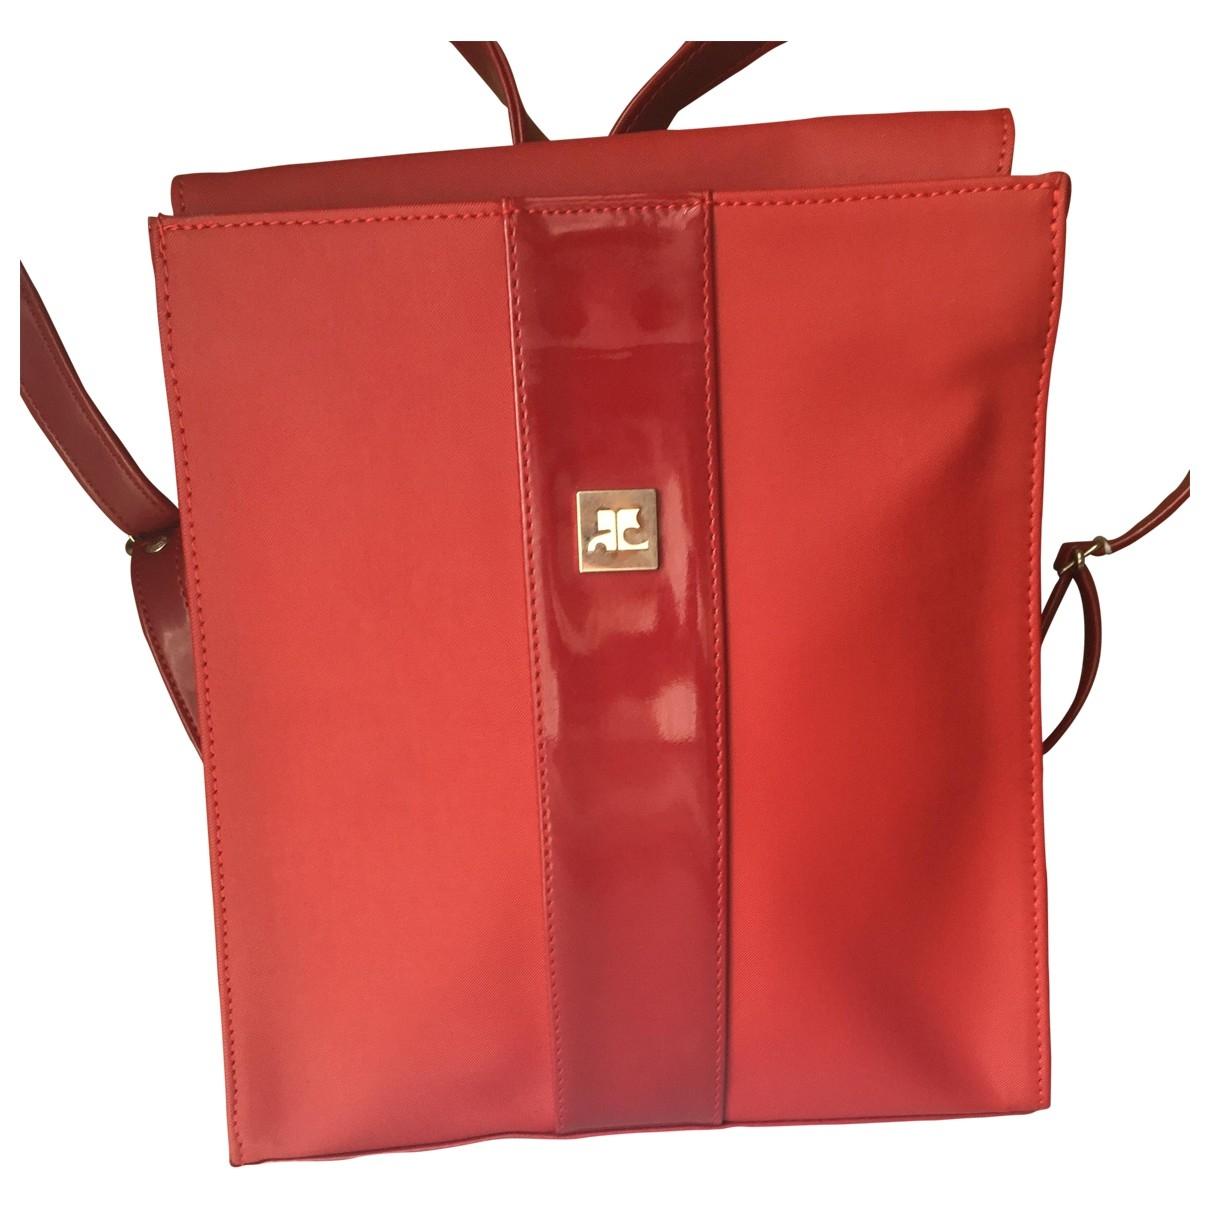 Courreges - Sac a dos   pour femme - rouge